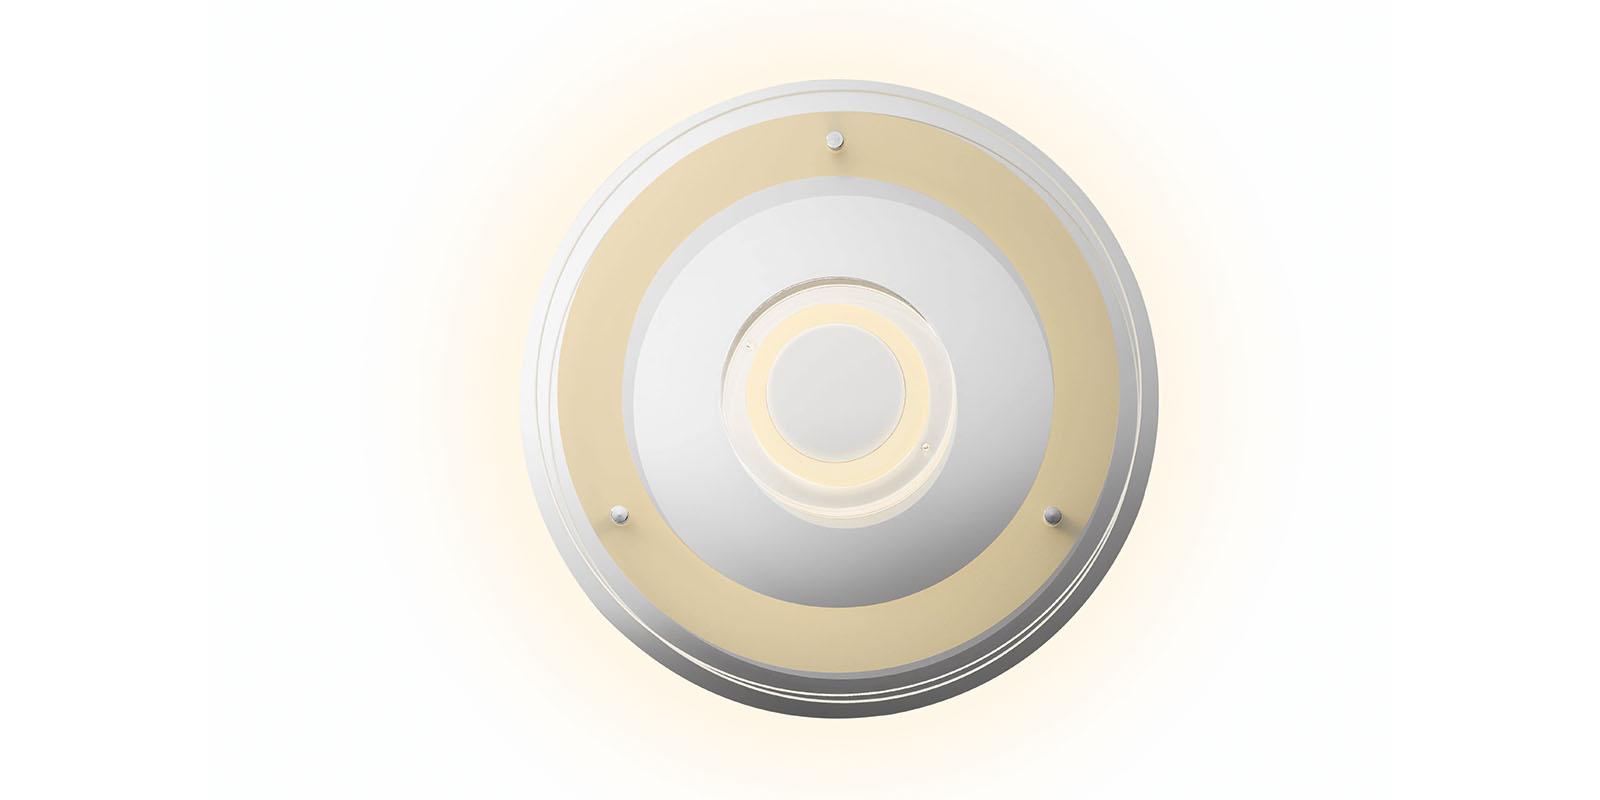 Deckenleuchte led modul rund ean609 lampe deckenlampe for Deckenlampe led rund